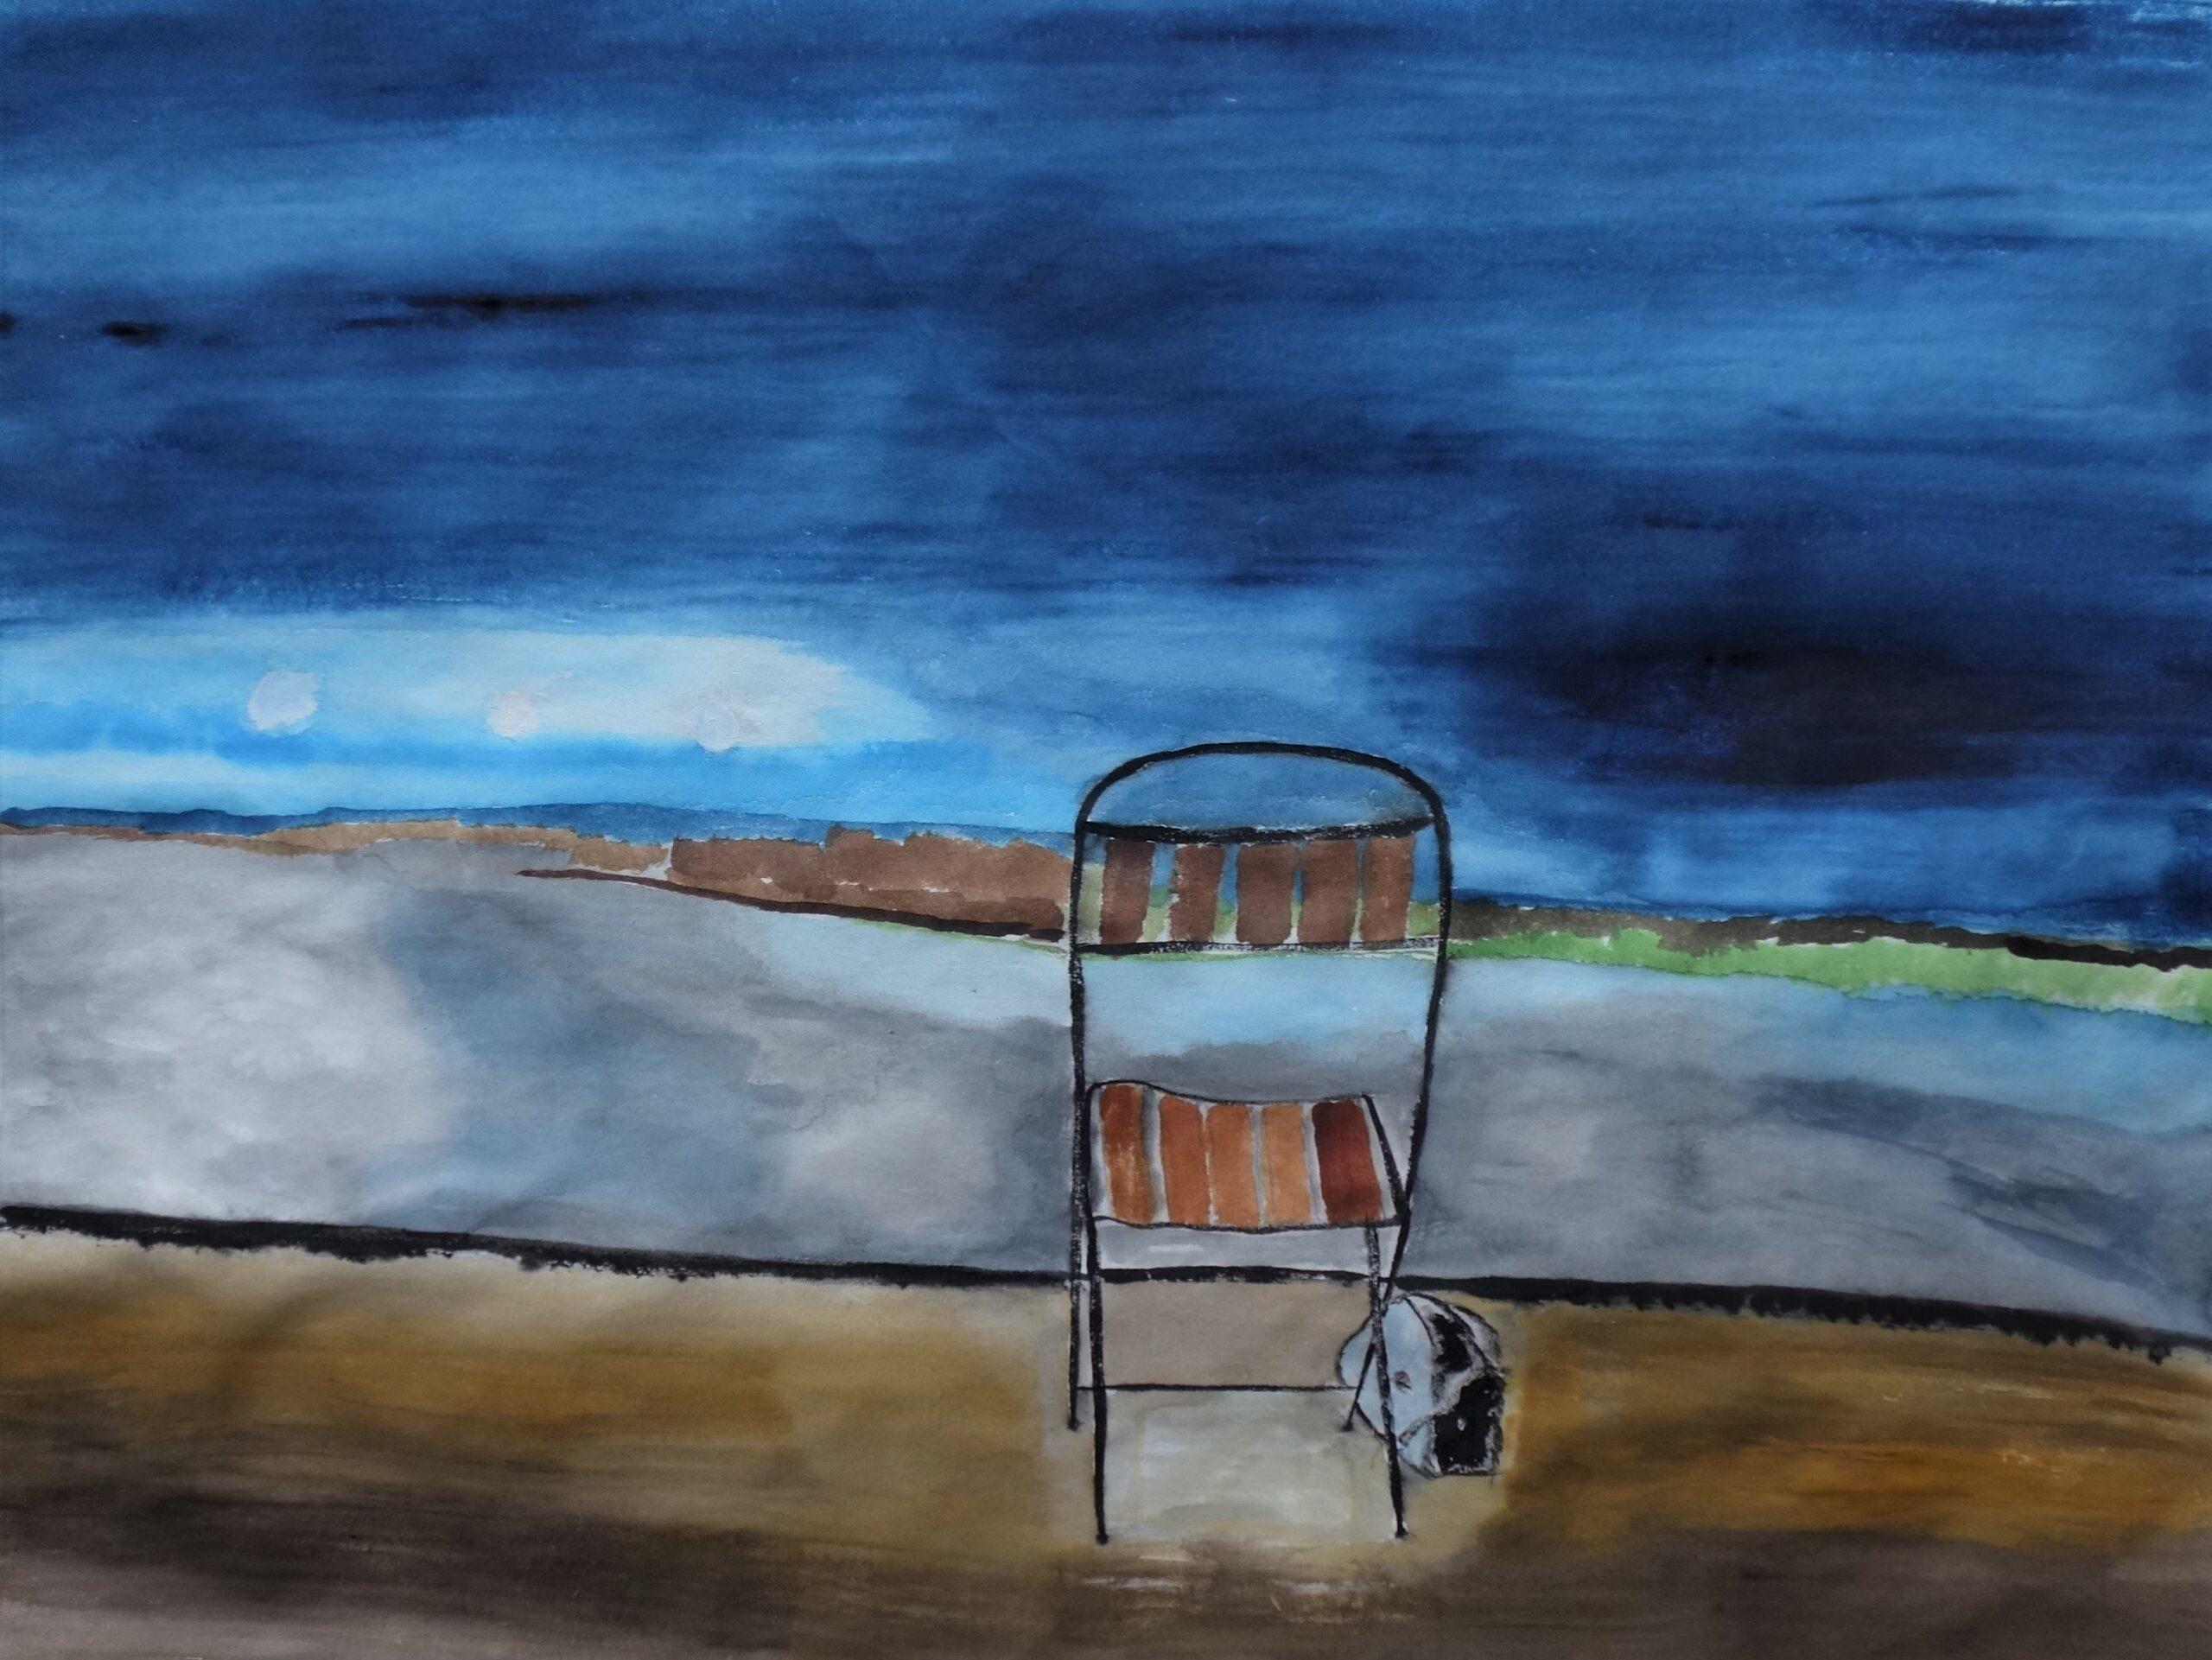 La sedia 2021 - acquerello su carta di riso 32x42 cm